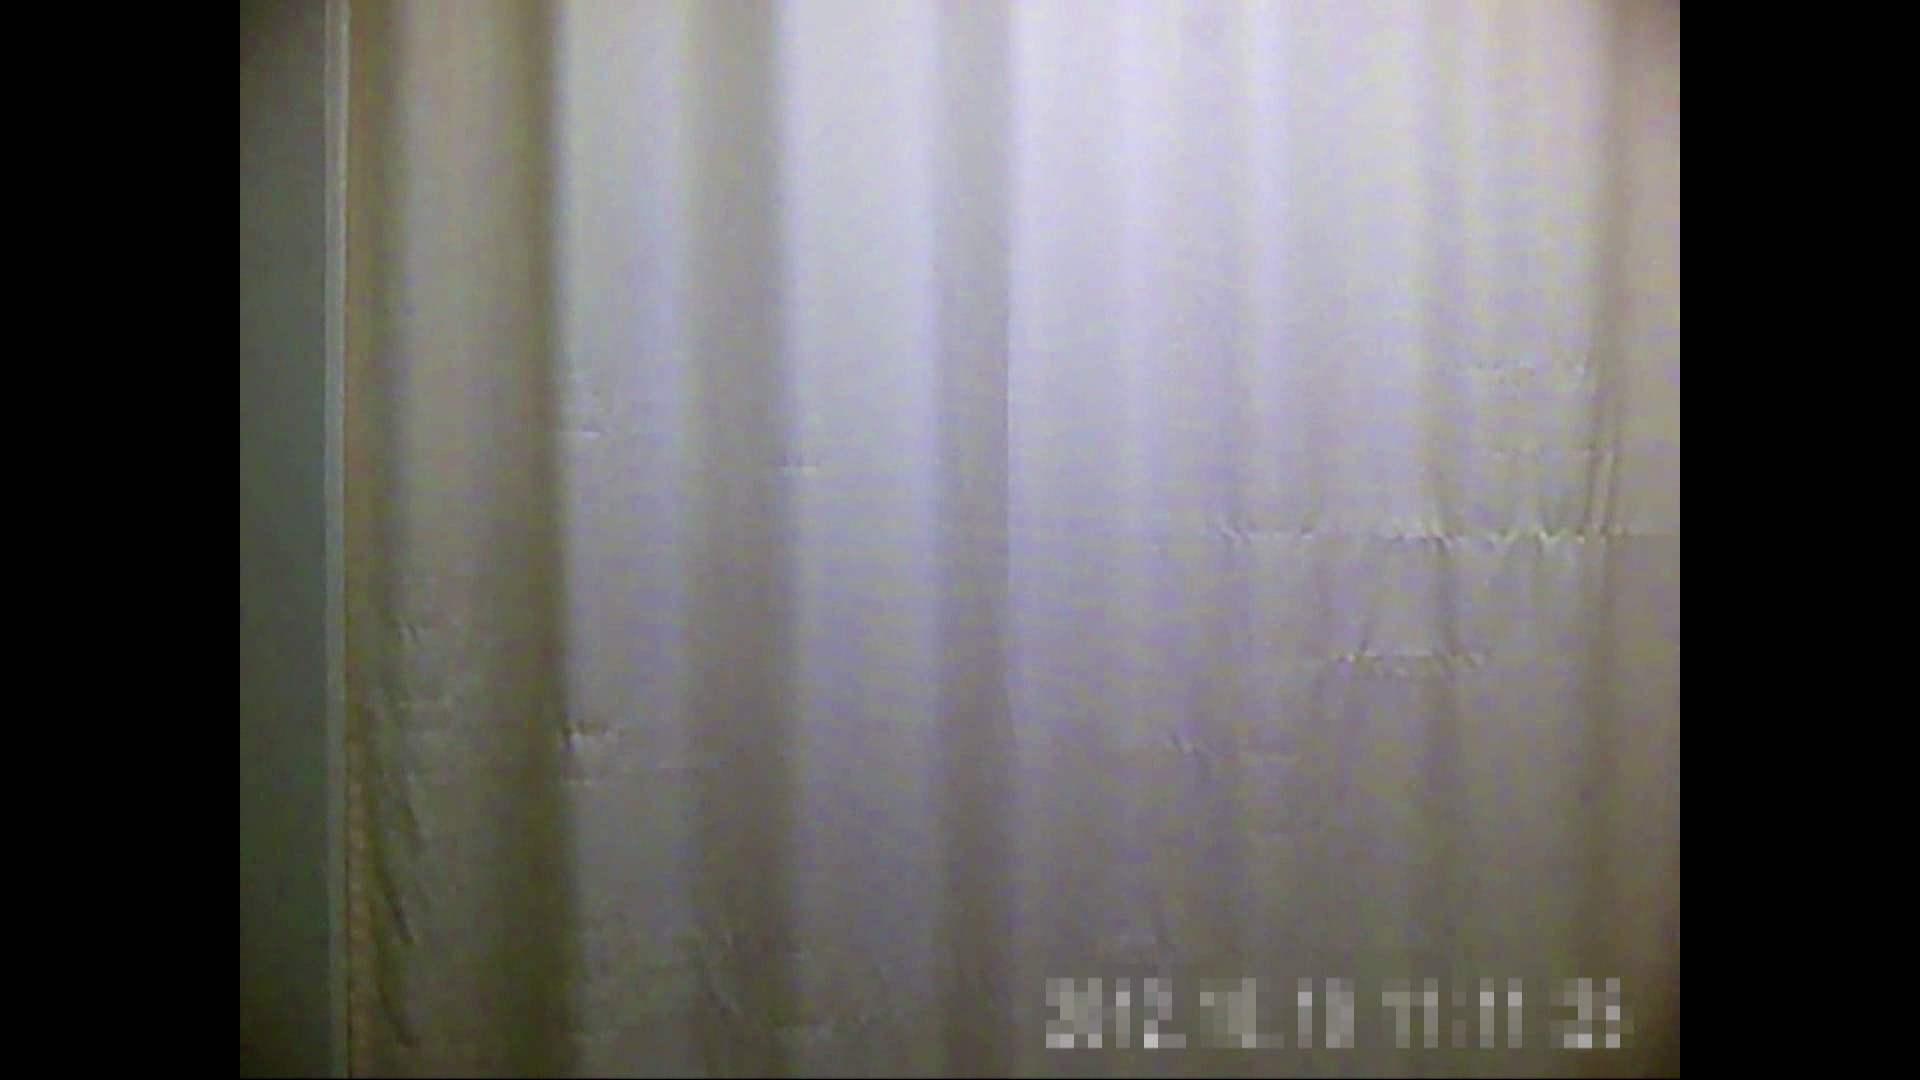 病院おもいっきり着替え! vol.232 乳首 盗み撮りAV無料動画キャプチャ 113PICs 82